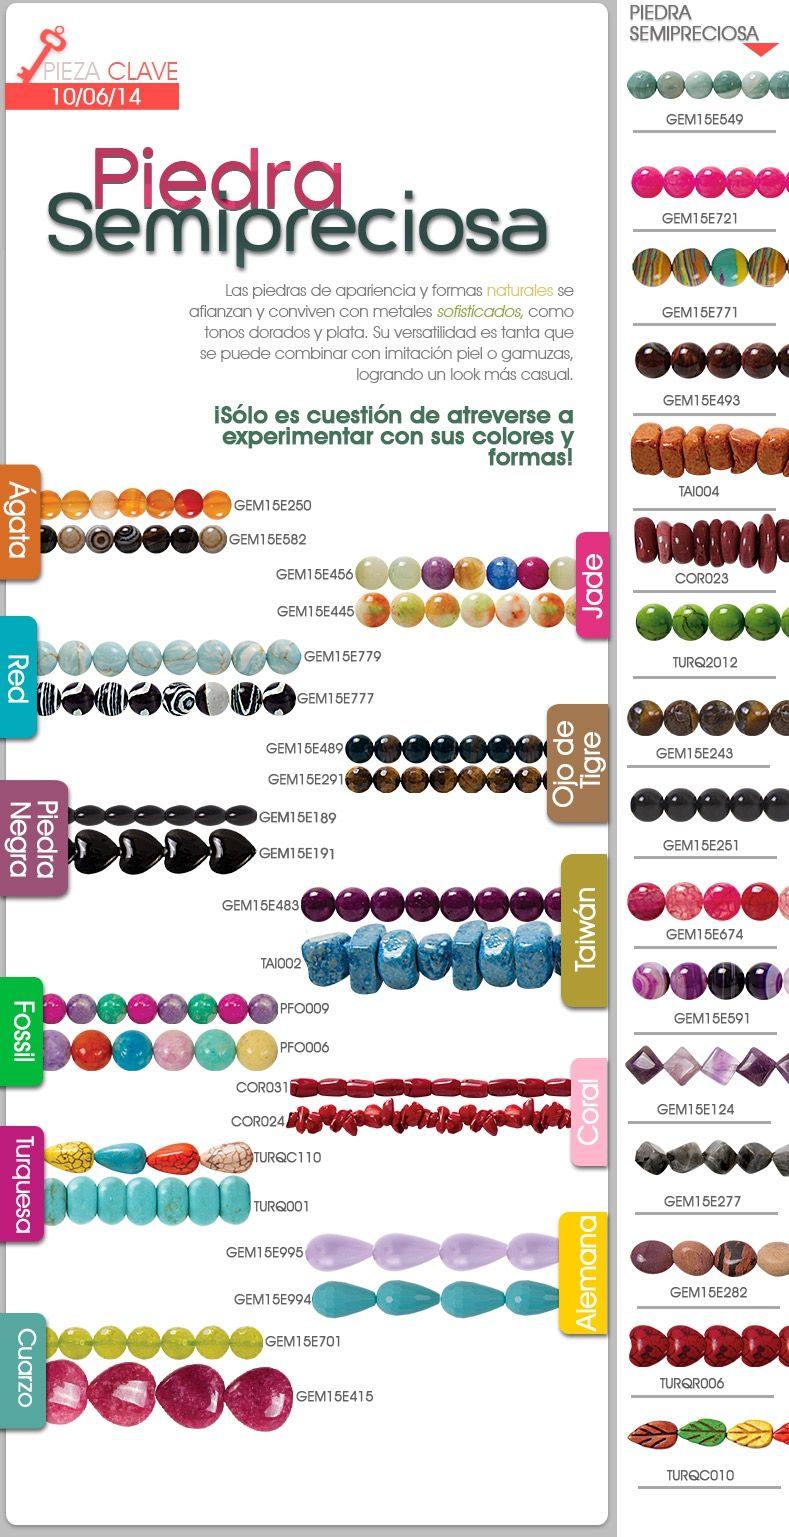 Proveedor De Bisuteria Componentes Y Accesorios Para Armar Joyeria Bisuteria En Monterrey Guadalajar Bisuteria Materiales Bisuteria Hacer Pulseras Bisuteria